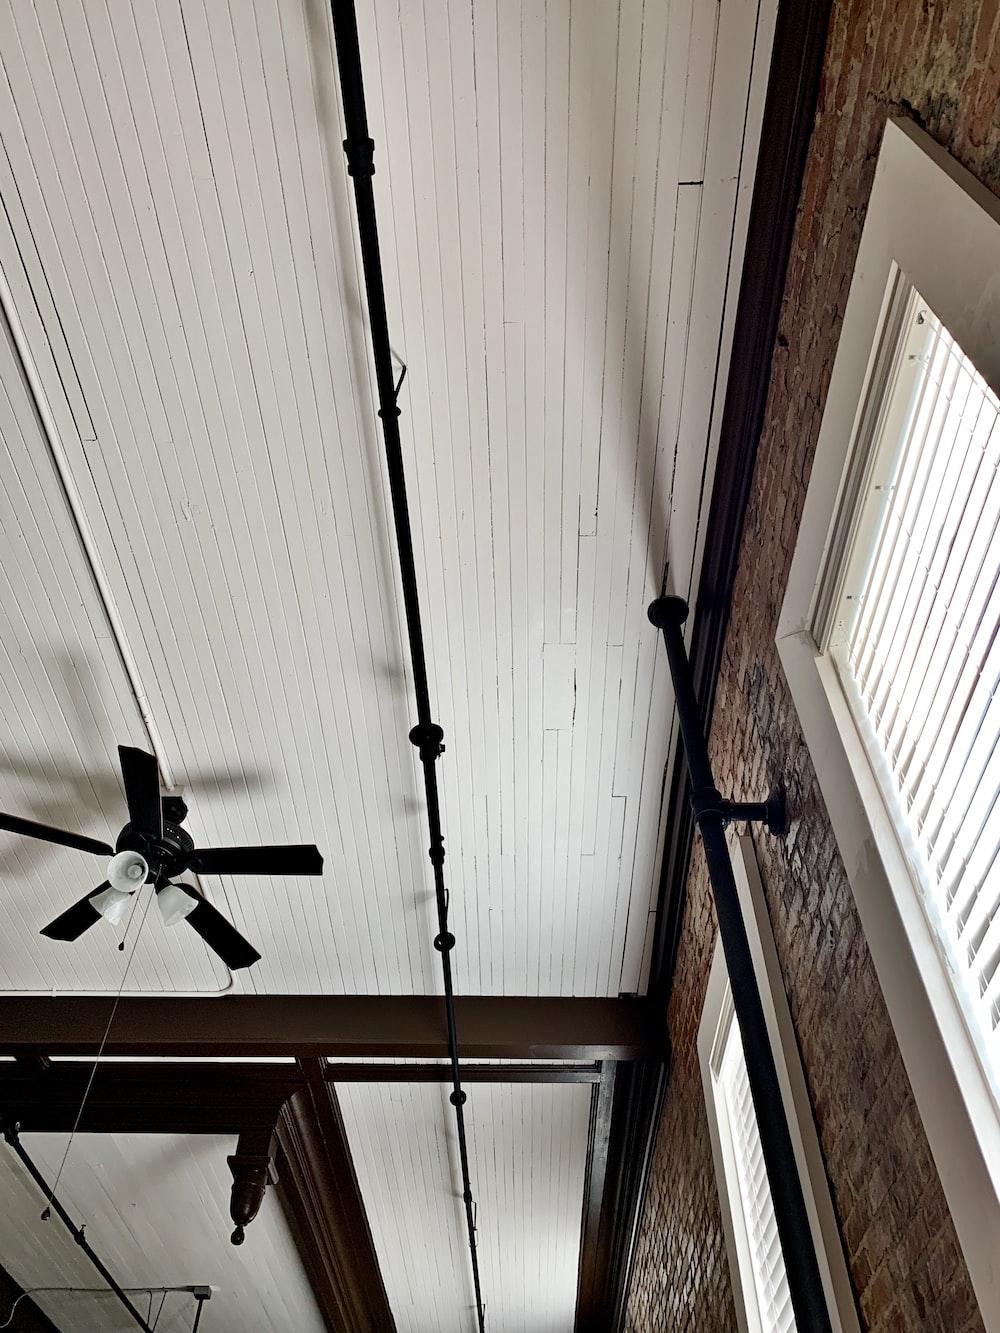 turned-off ceiling fan